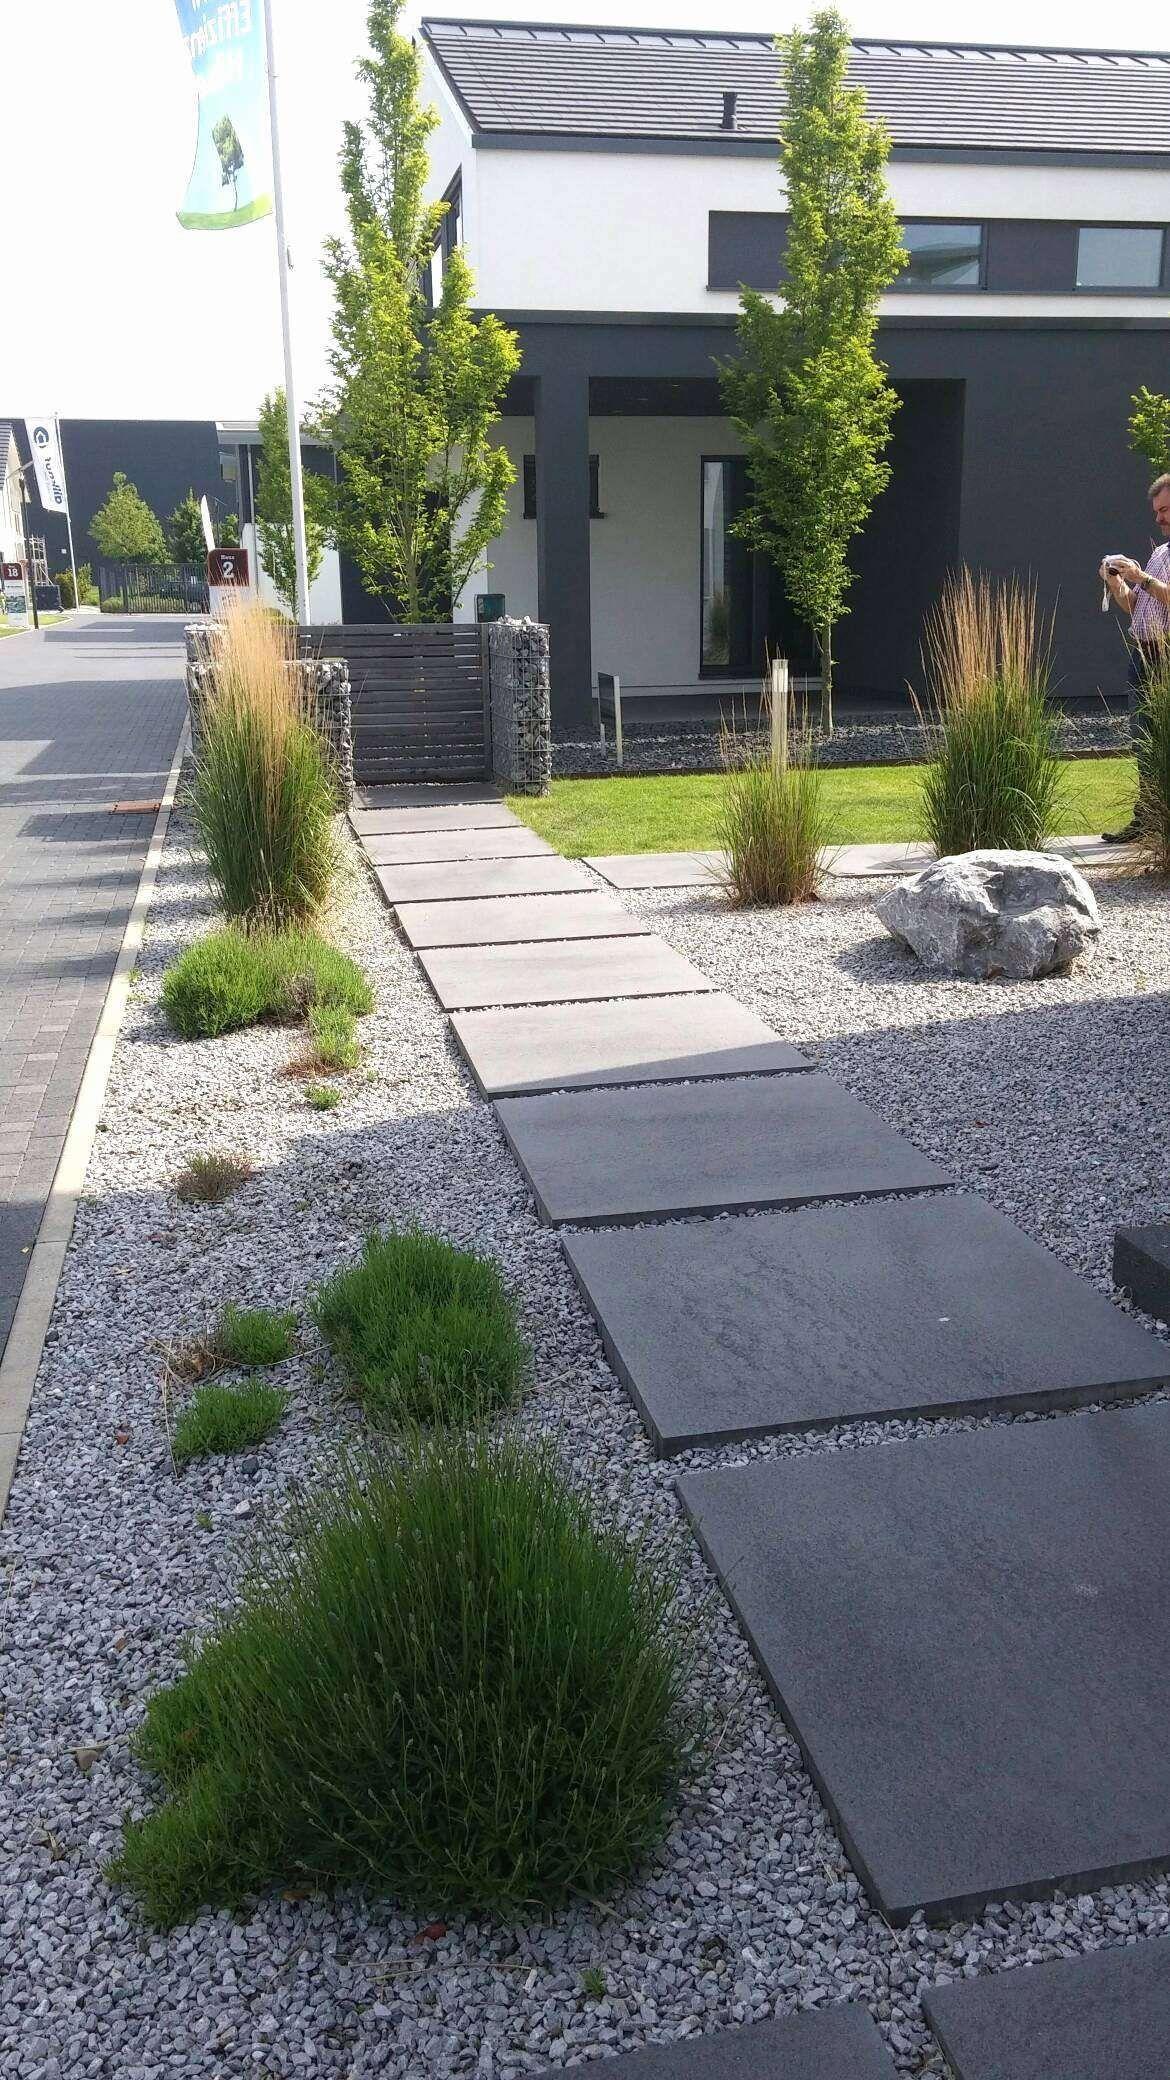 Ideen Vorgarten Schön Garten Ideas Garten Anlegen Lovely Aussenleuchten Garten 0d